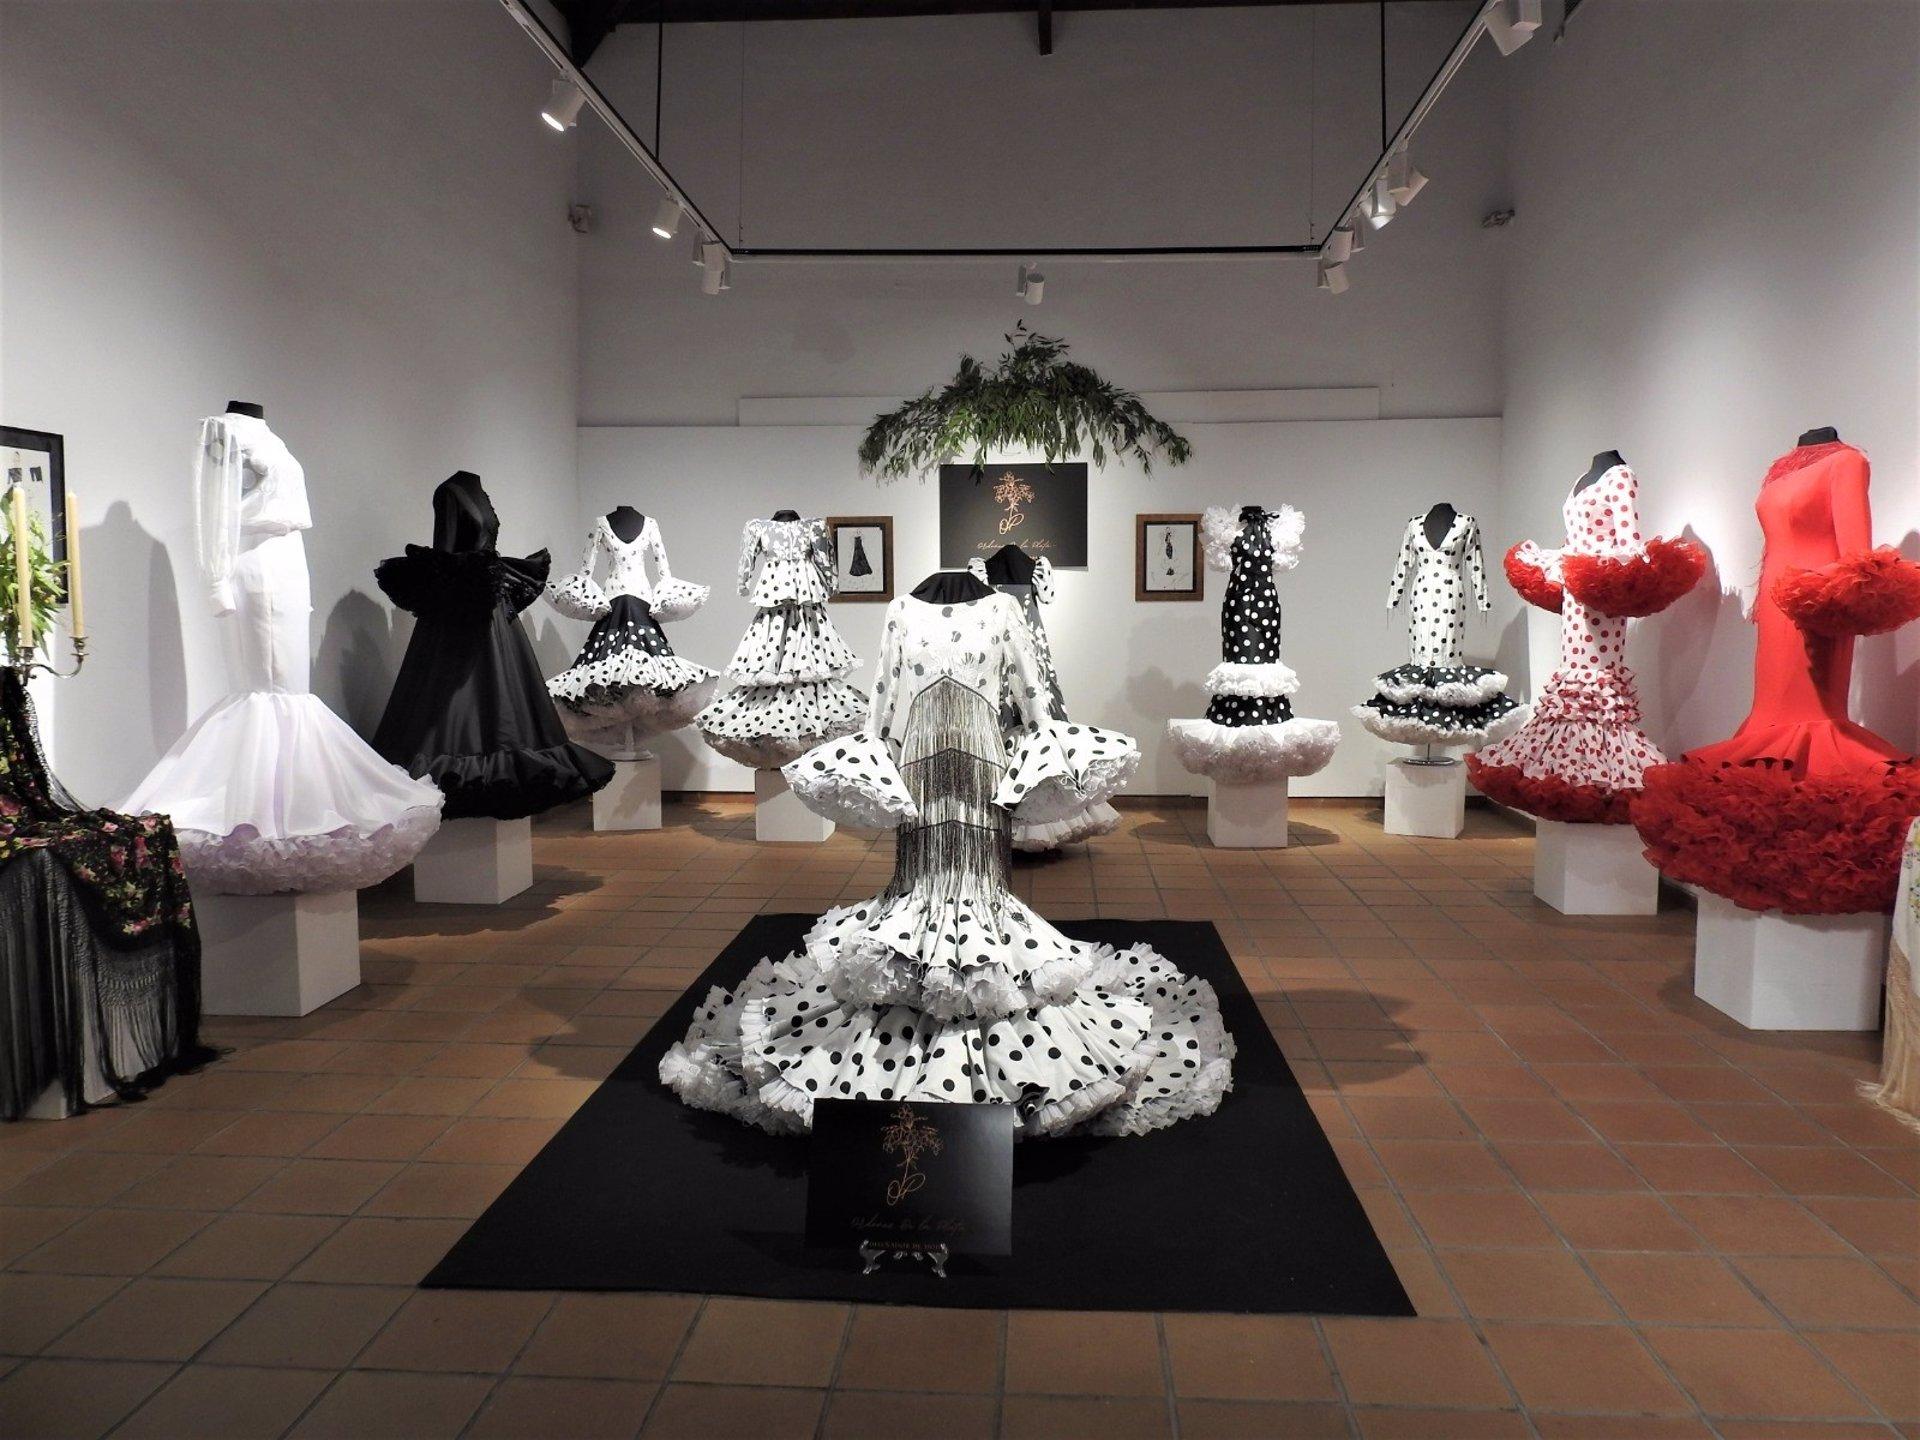 Sevilla.- Inaugurada en Alcalá de Guadaíra la exposición 'Rafaela', obra del diseñador local Javier Ordóñez